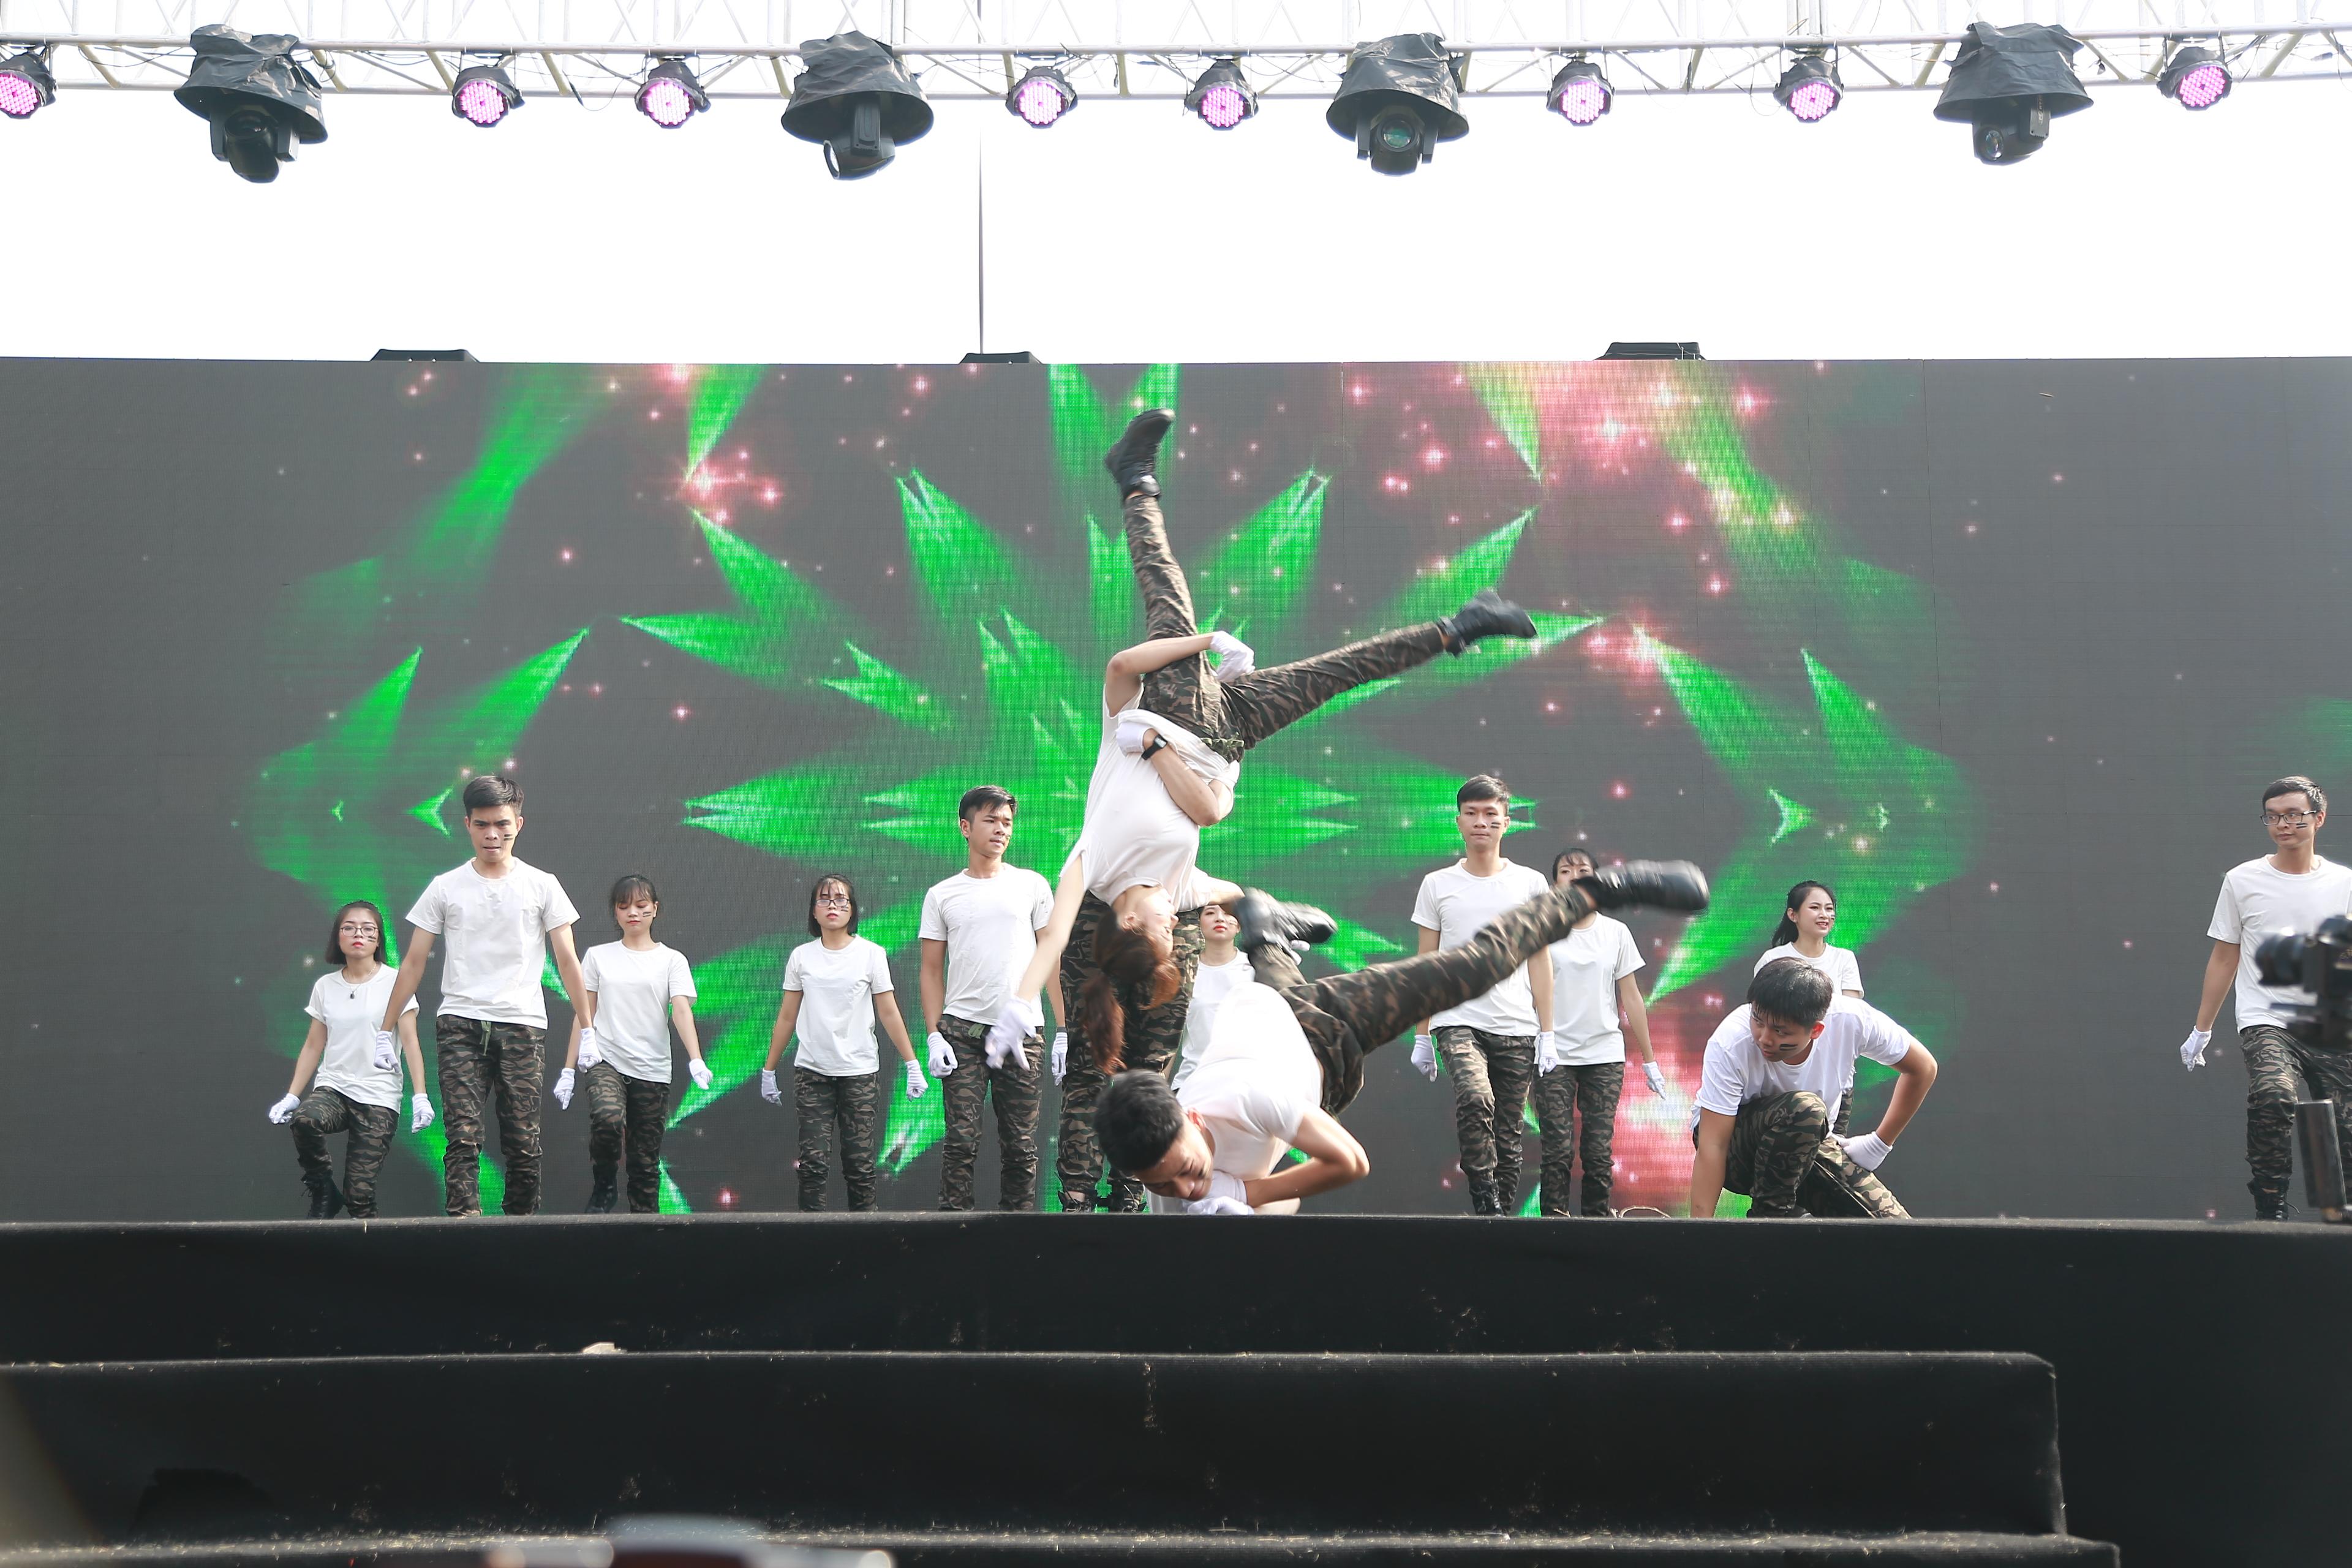 FPT Telecom mang lên sân khấu những pha lộn nhào đã mắt trong phần đồng diễn. Ảnh: Ngọc Thắng.